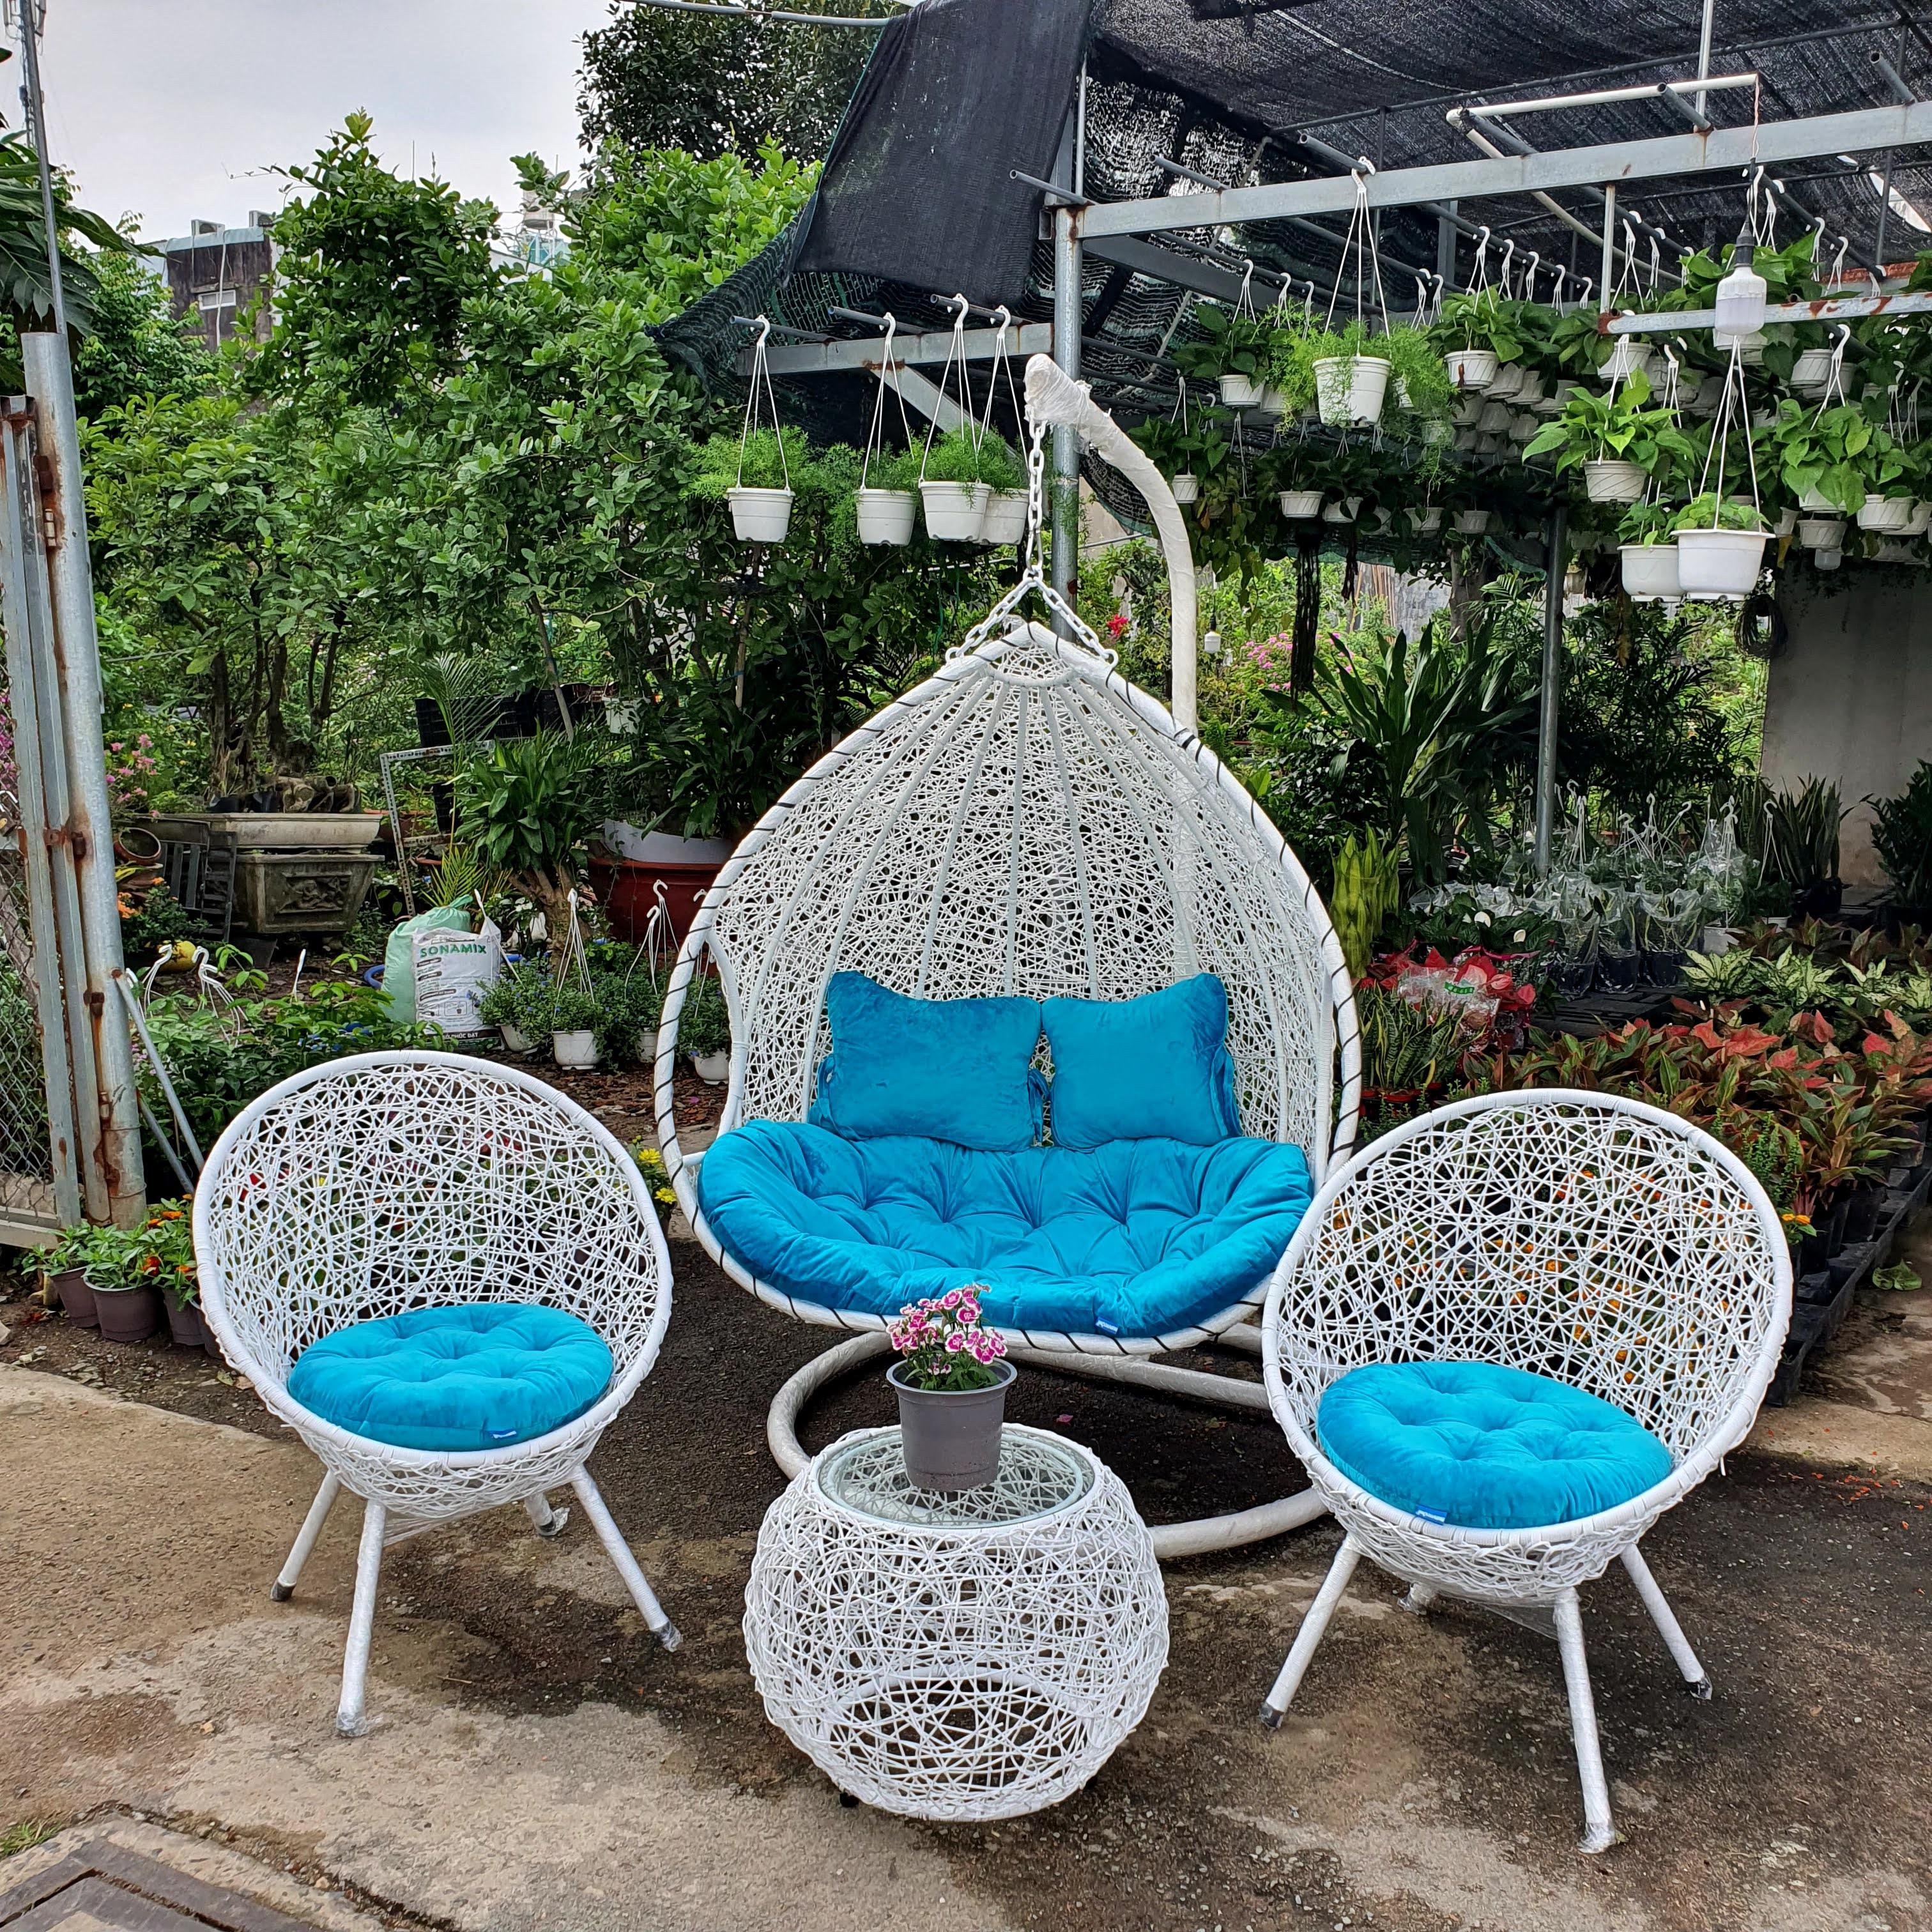 Bộ bàn ghế sân vườn + xích đu đôi NAVICOM N1